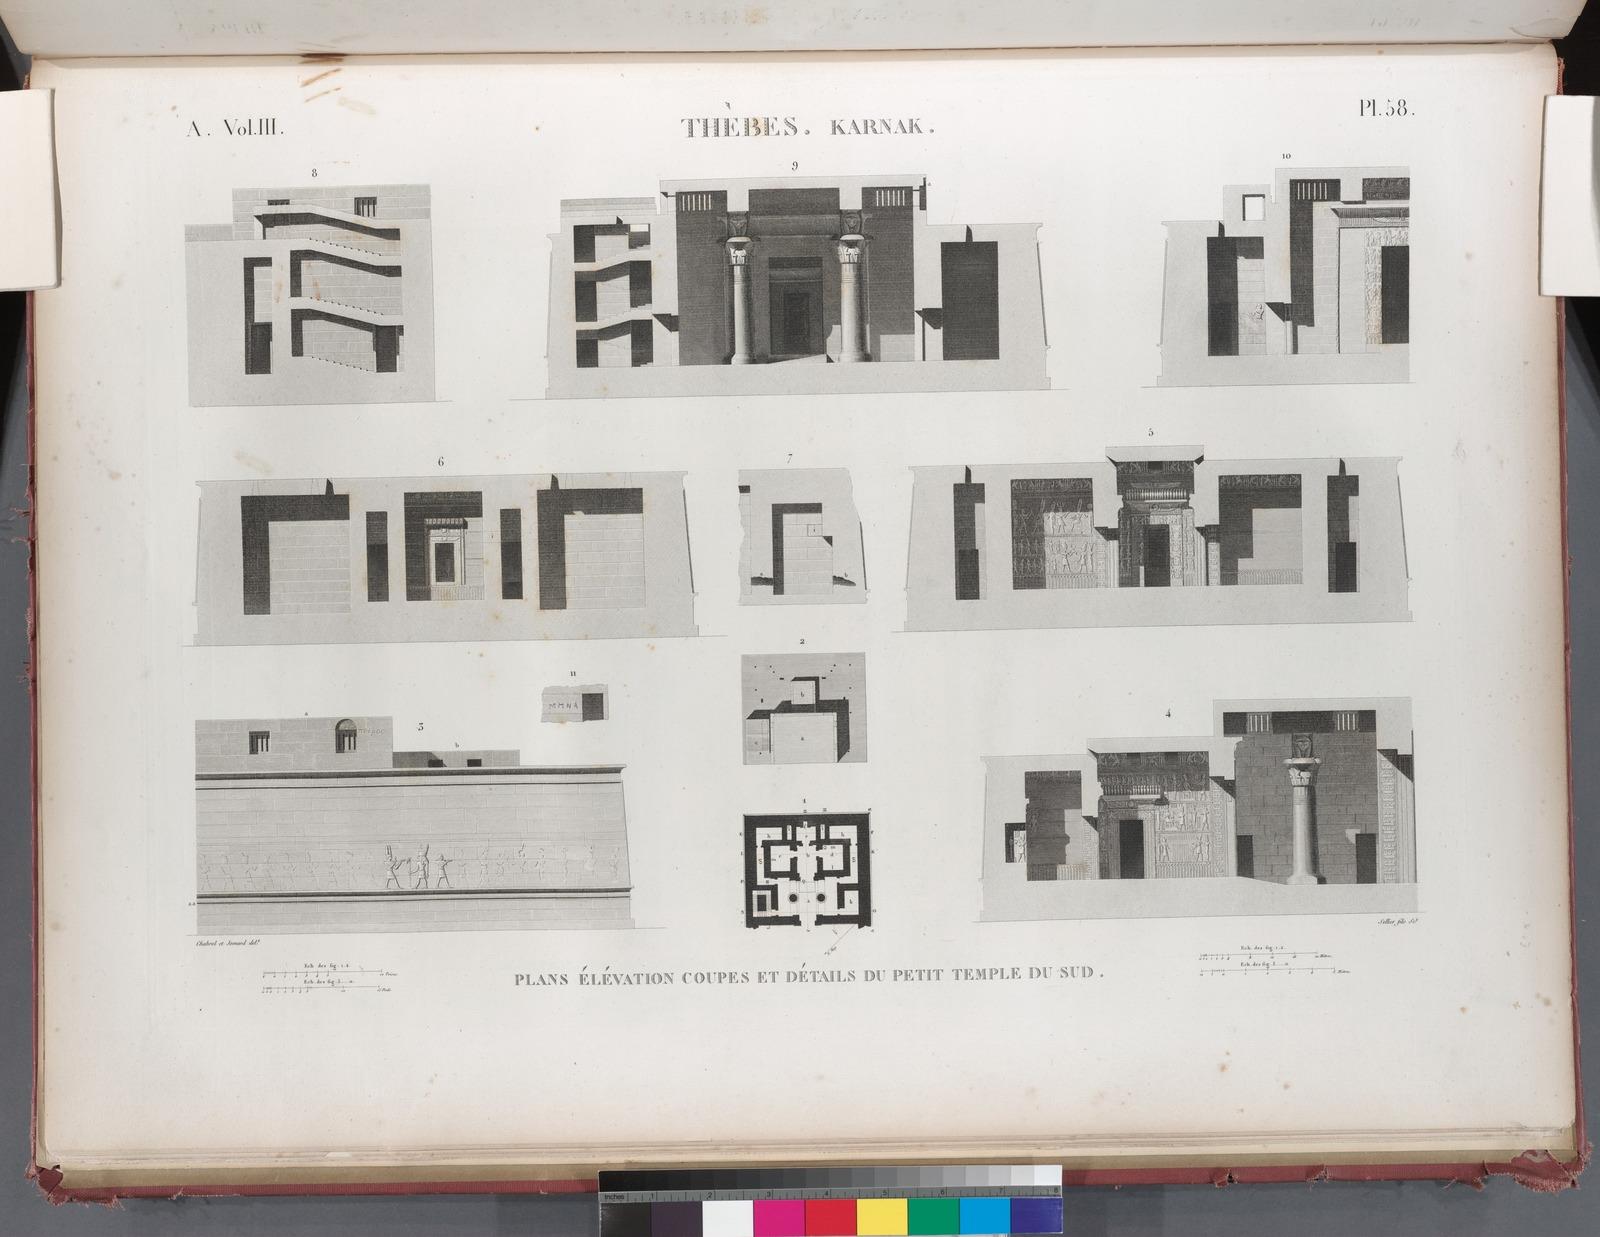 Thèbes. Karnak. Plans élévation coupes et détails du petit temple du sud.